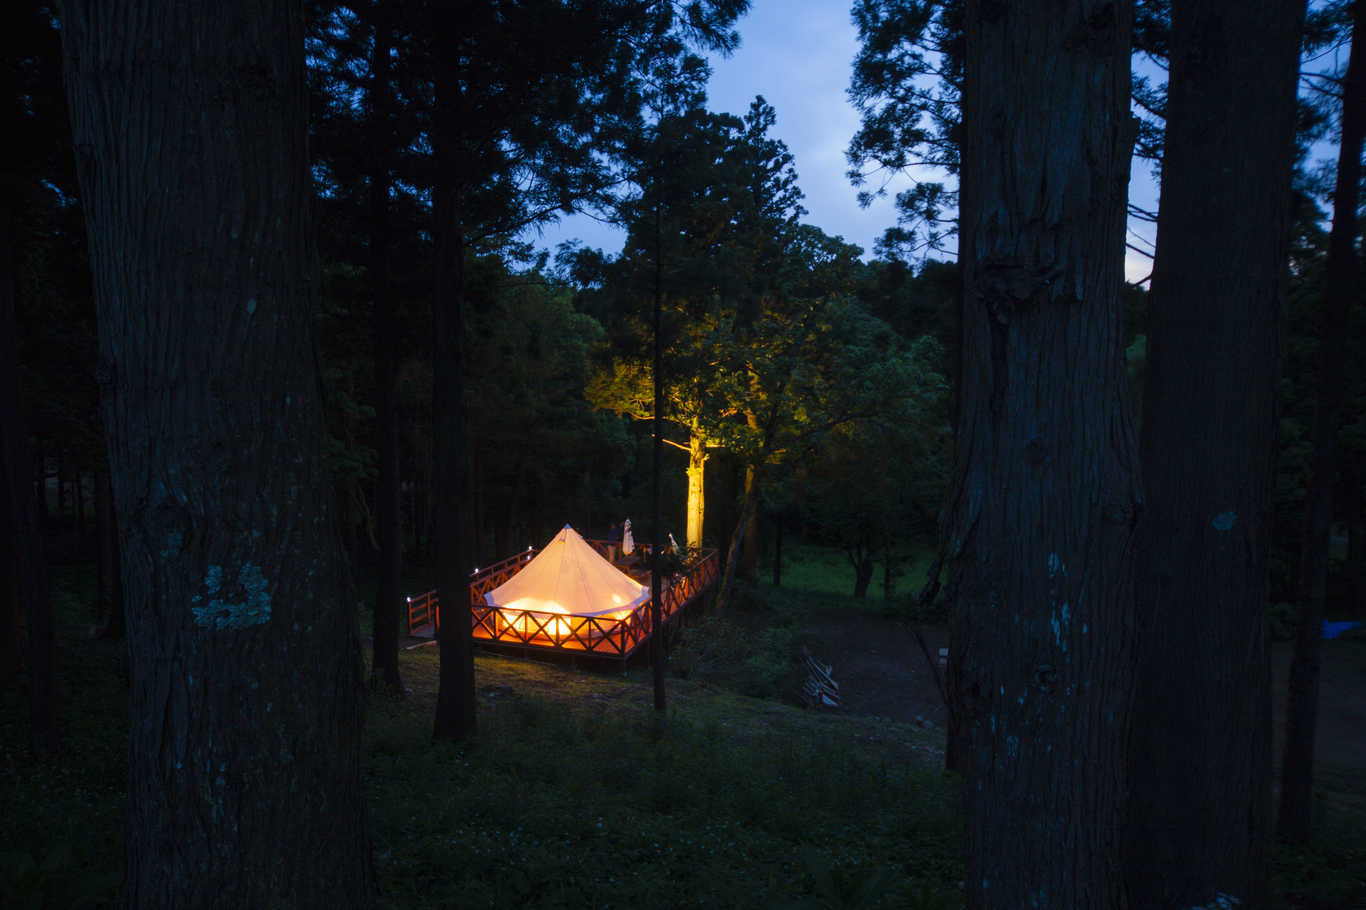 【12月】【CAMPフォレスト】森の中に1日1組だけのプライベートサイトで過ごす豪華なキャンプ!! 画像